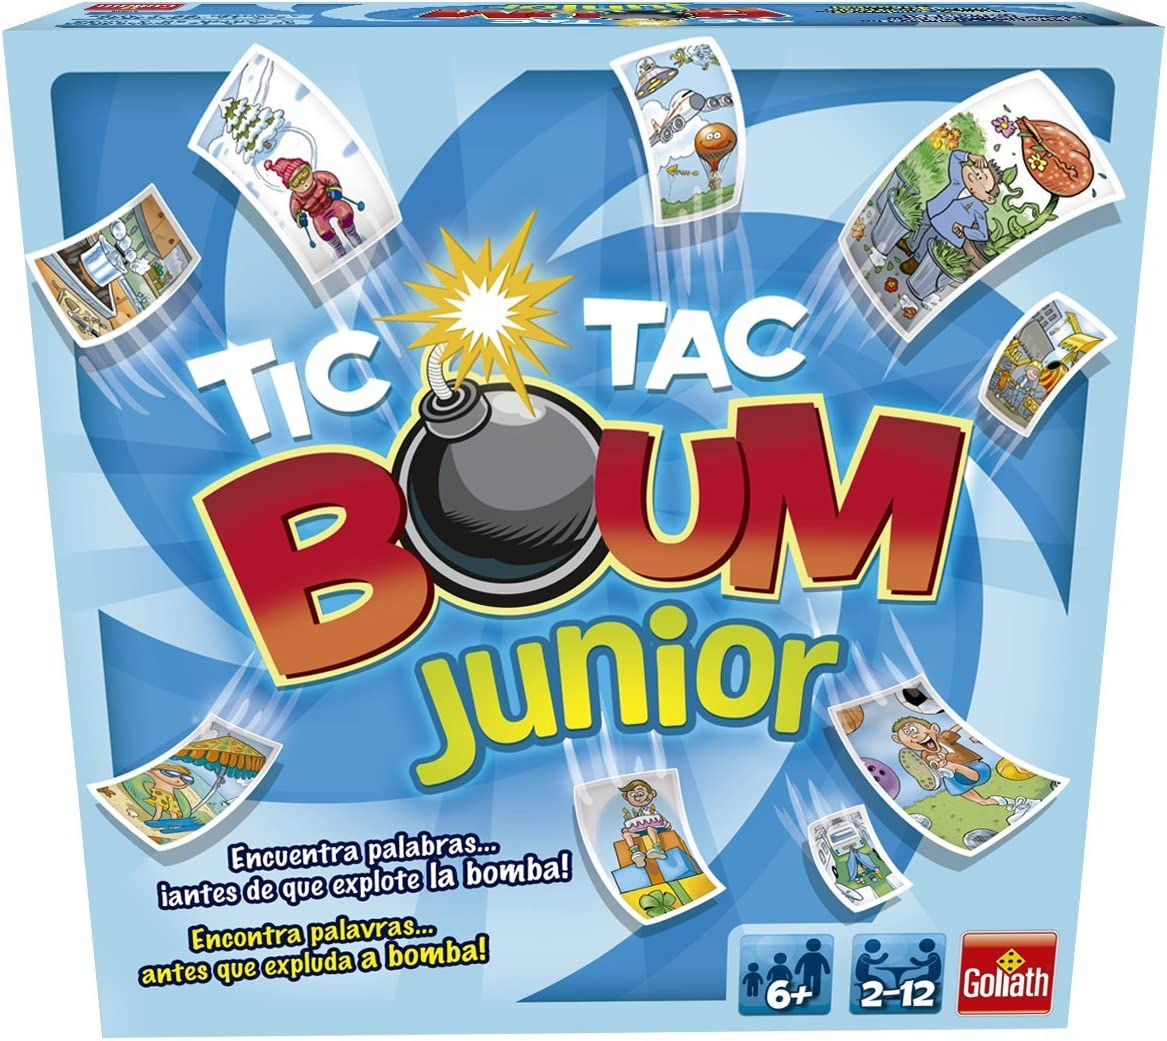 Goliath - Tic Tac Boum Junior, Juego de Cartas , Encuentra la Palabra (70508) , color/modelo surtido